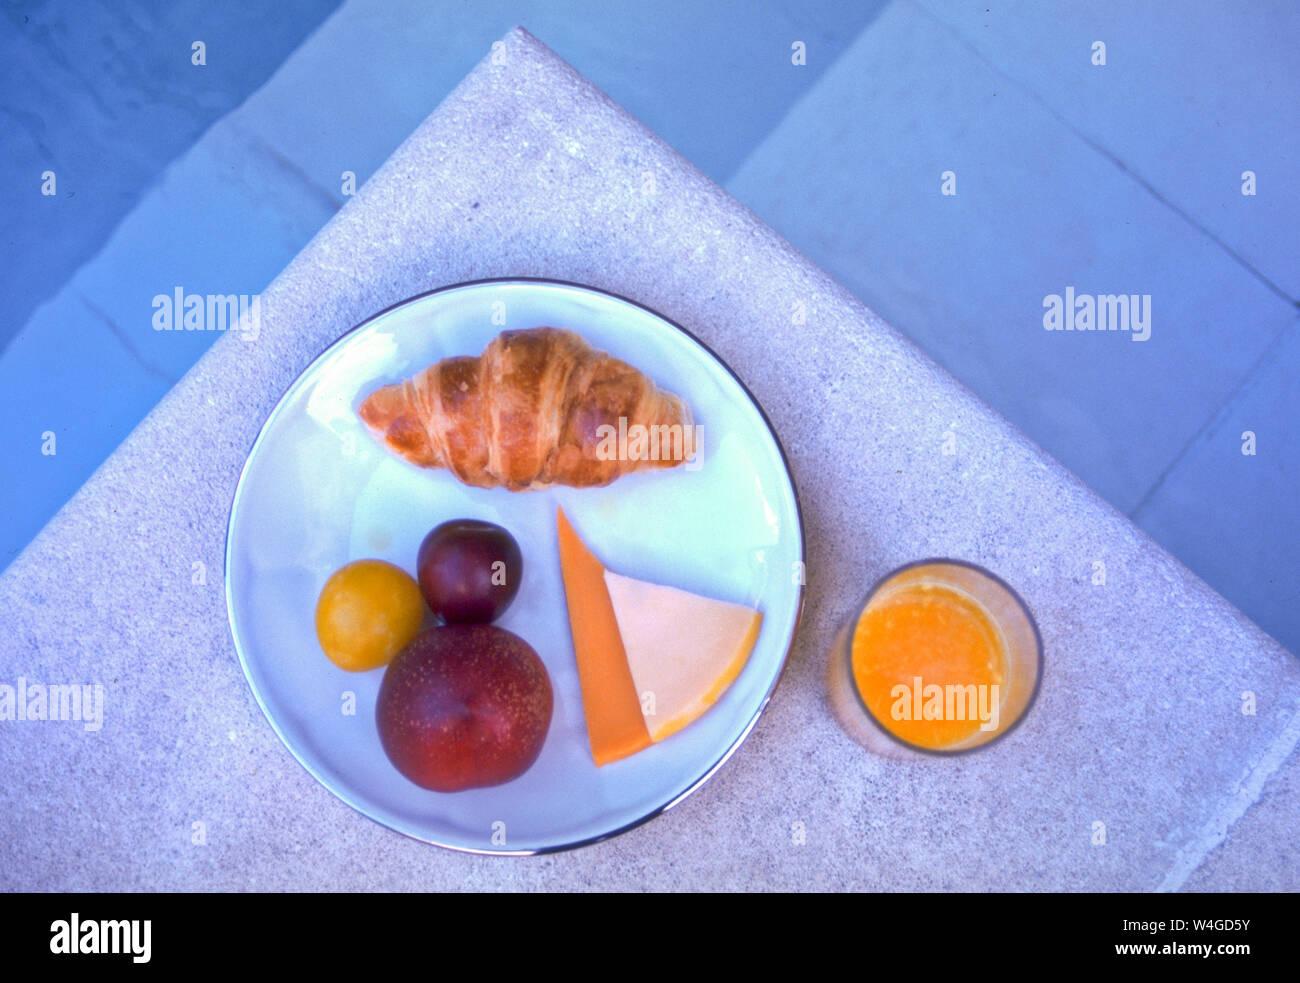 Le petit-déjeuner les Français gardent leur lumière. Pain, étant un aliment de base, le jus d'orange, de fruits et de fromages sont l'occasion, certains des choix. Banque D'Images